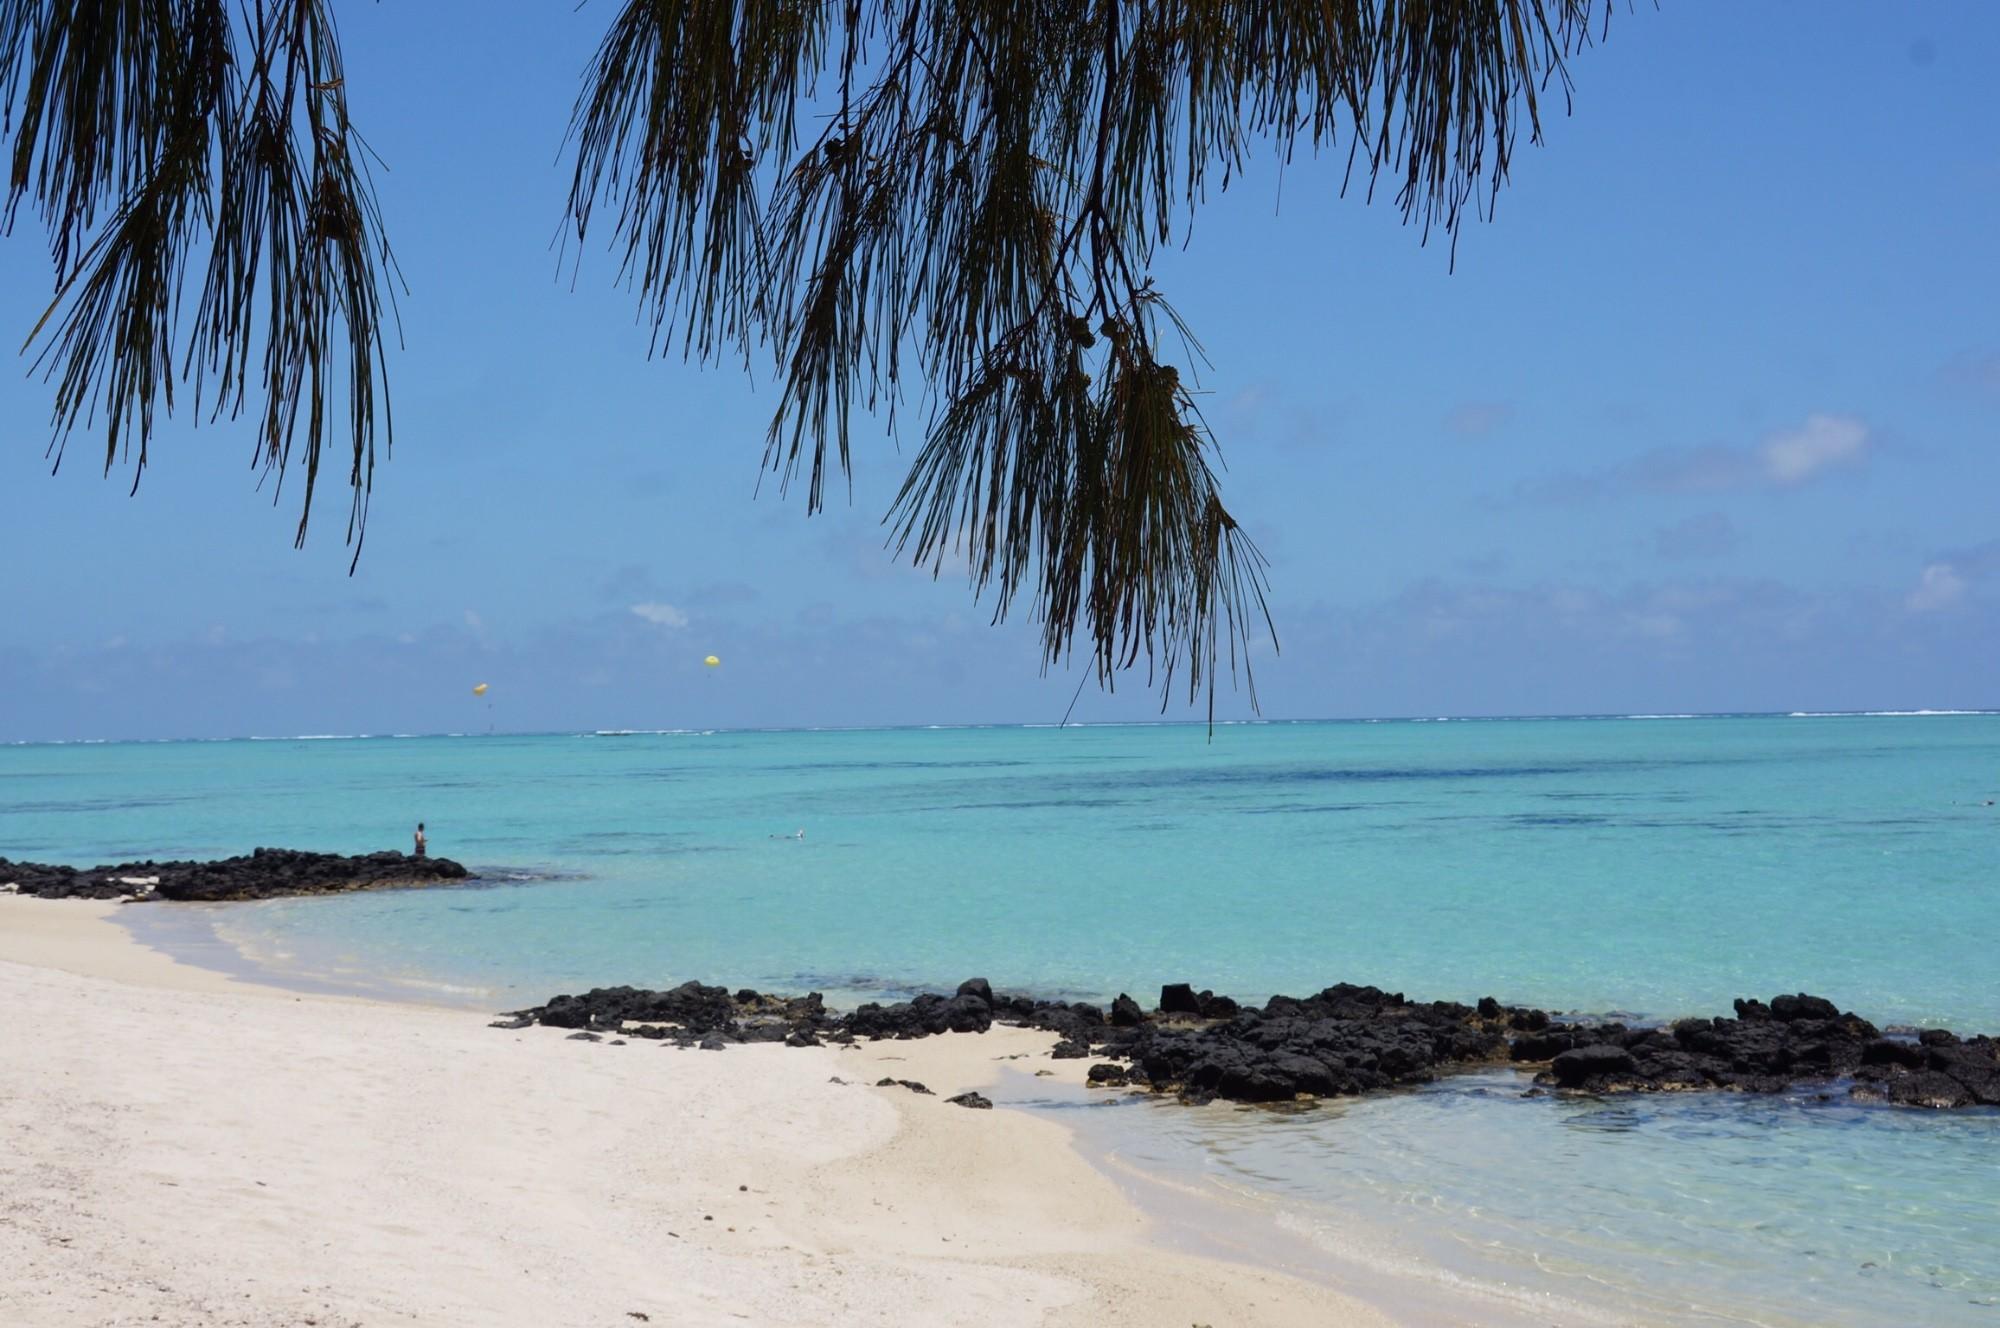 острова бали барбадос маврикий фото отзывы передать